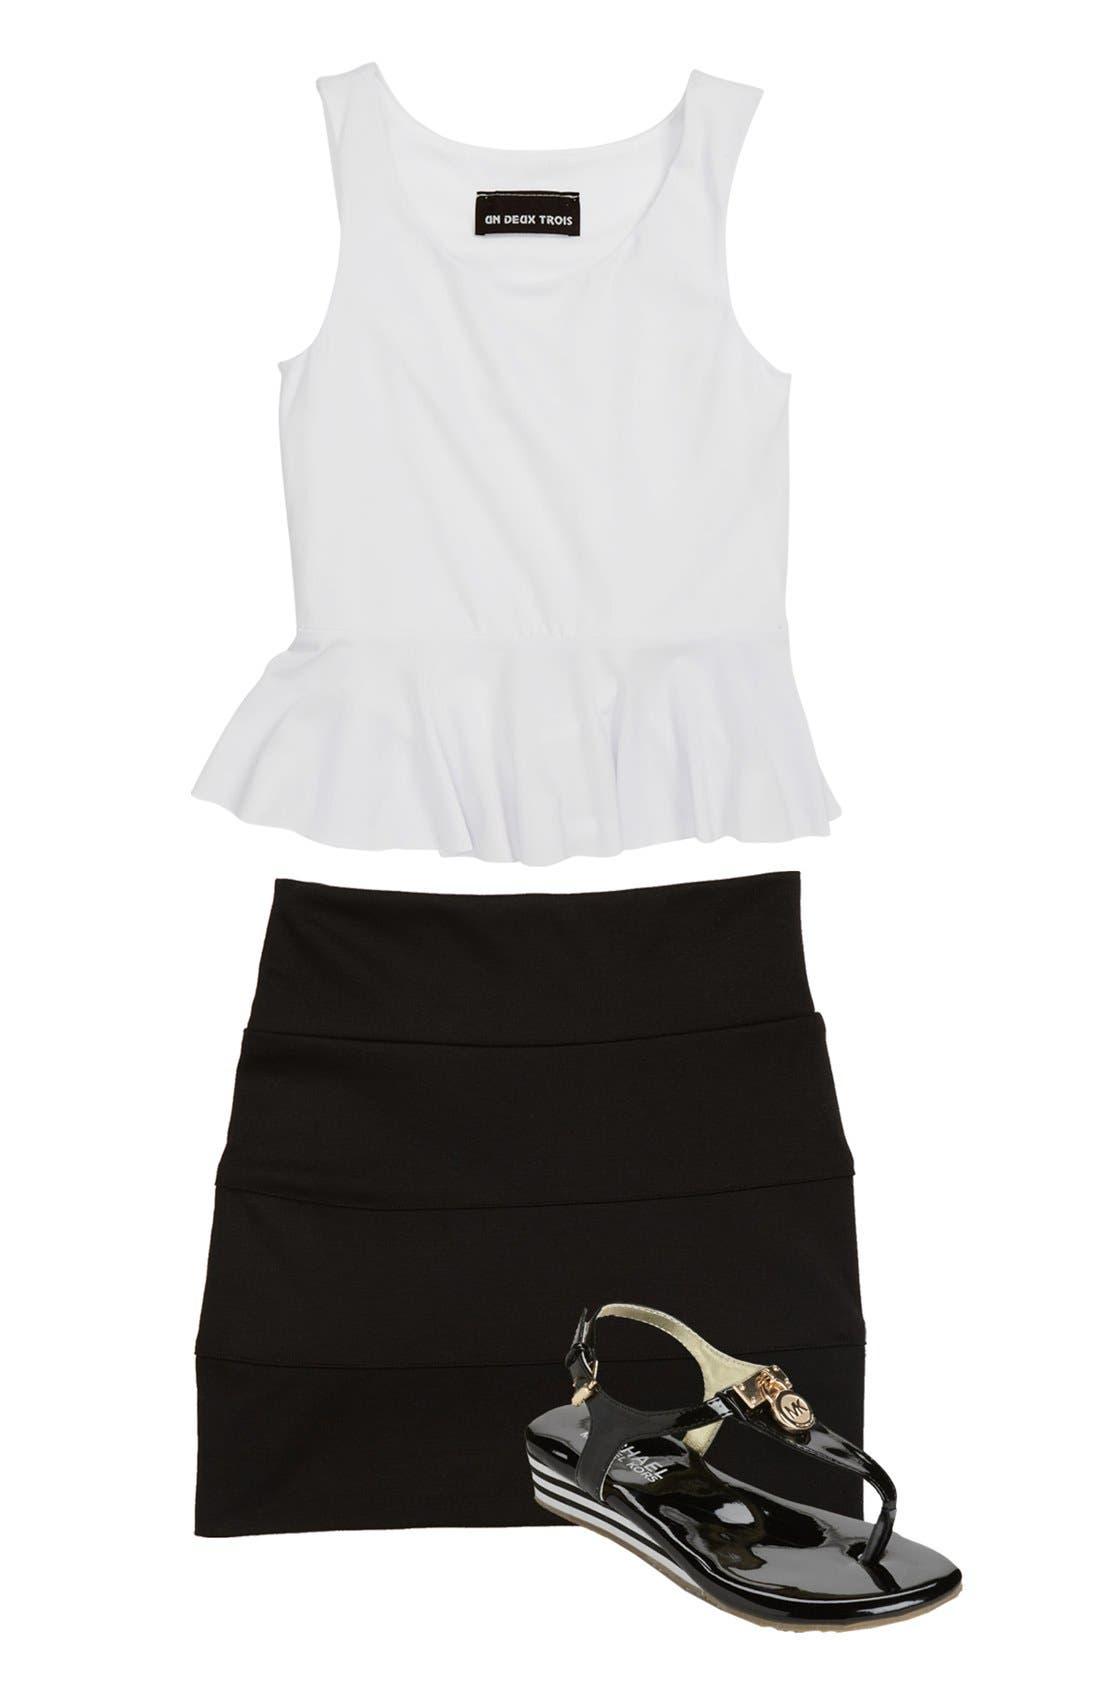 Main Image - Un Deux Trois Top & Skirt & MICHAEL Michael Kors Sandal (Big Girls)